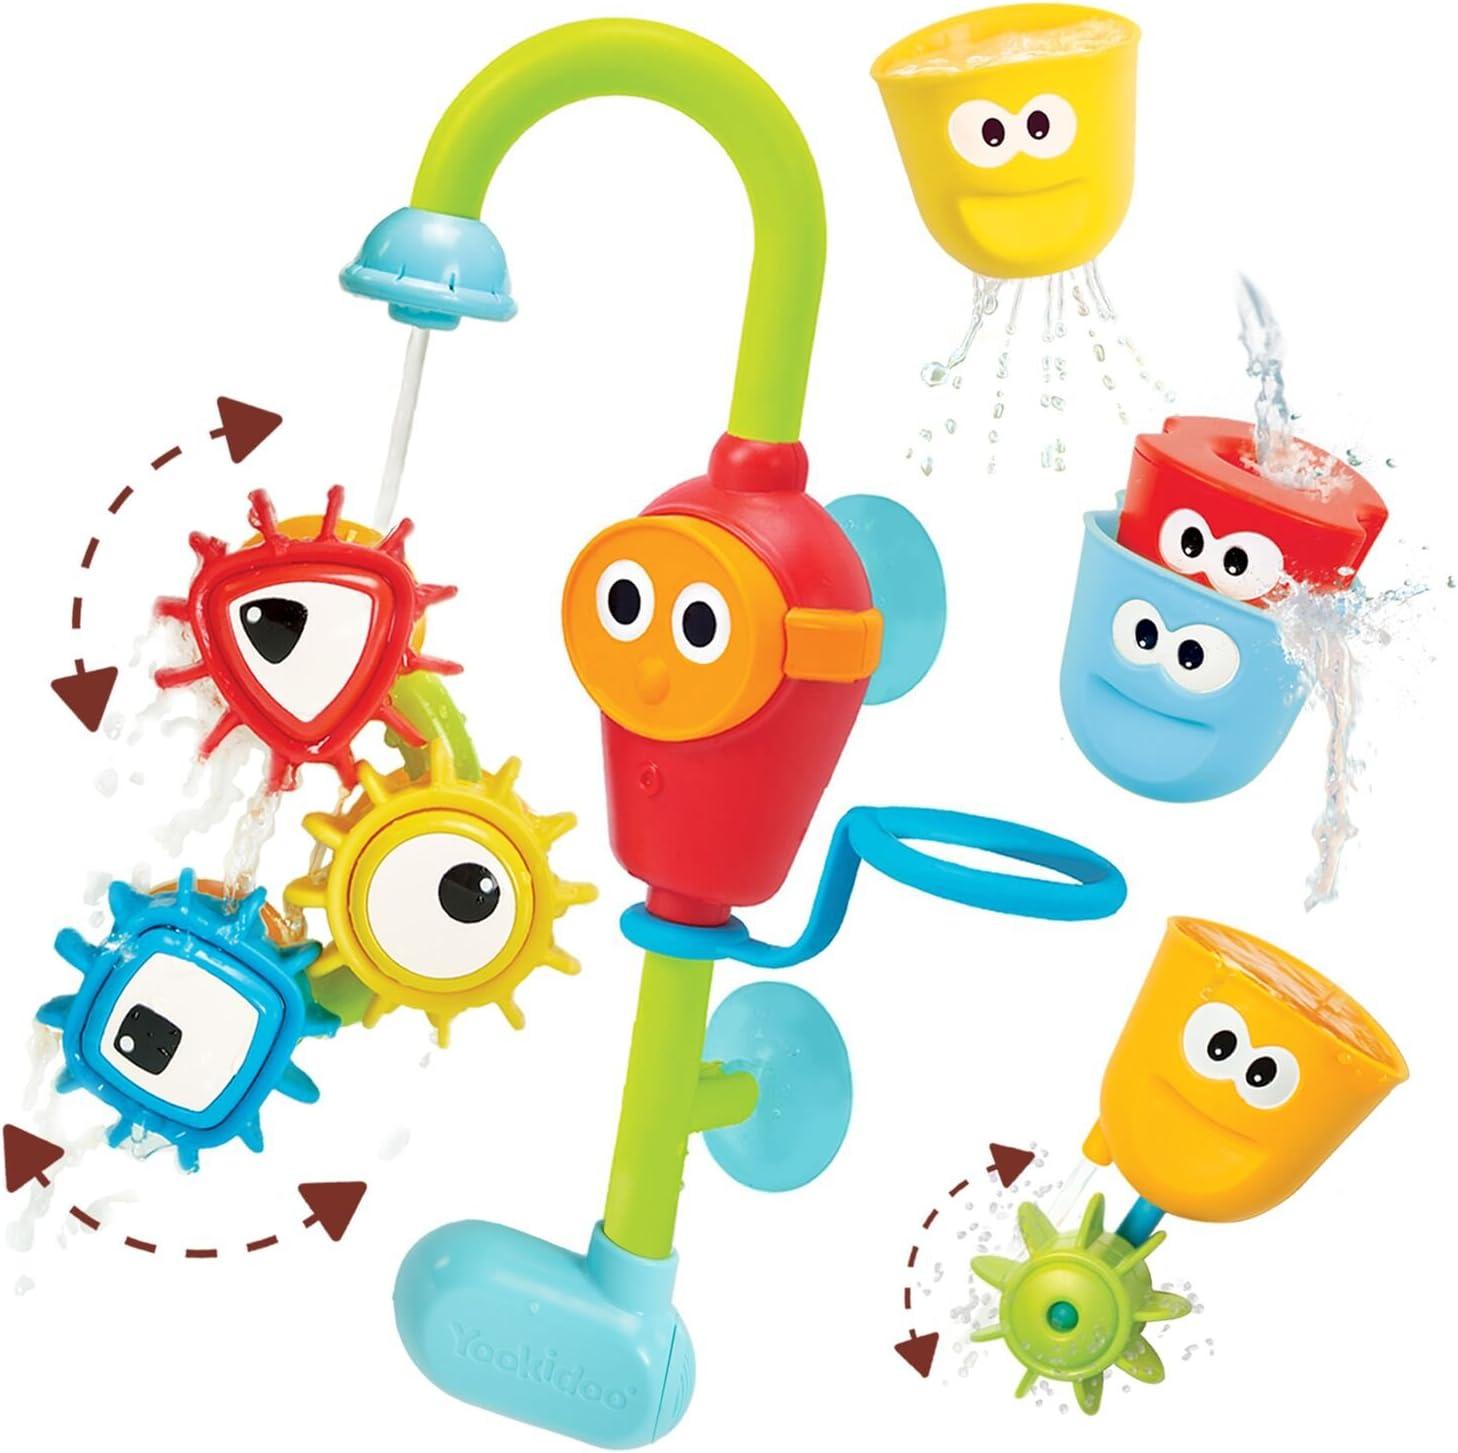 Yookidoo - Grifo encaja y gira pro - juguete baño para bebé; juego de agua; juguete bañera para niños de entre 1 y 6 años